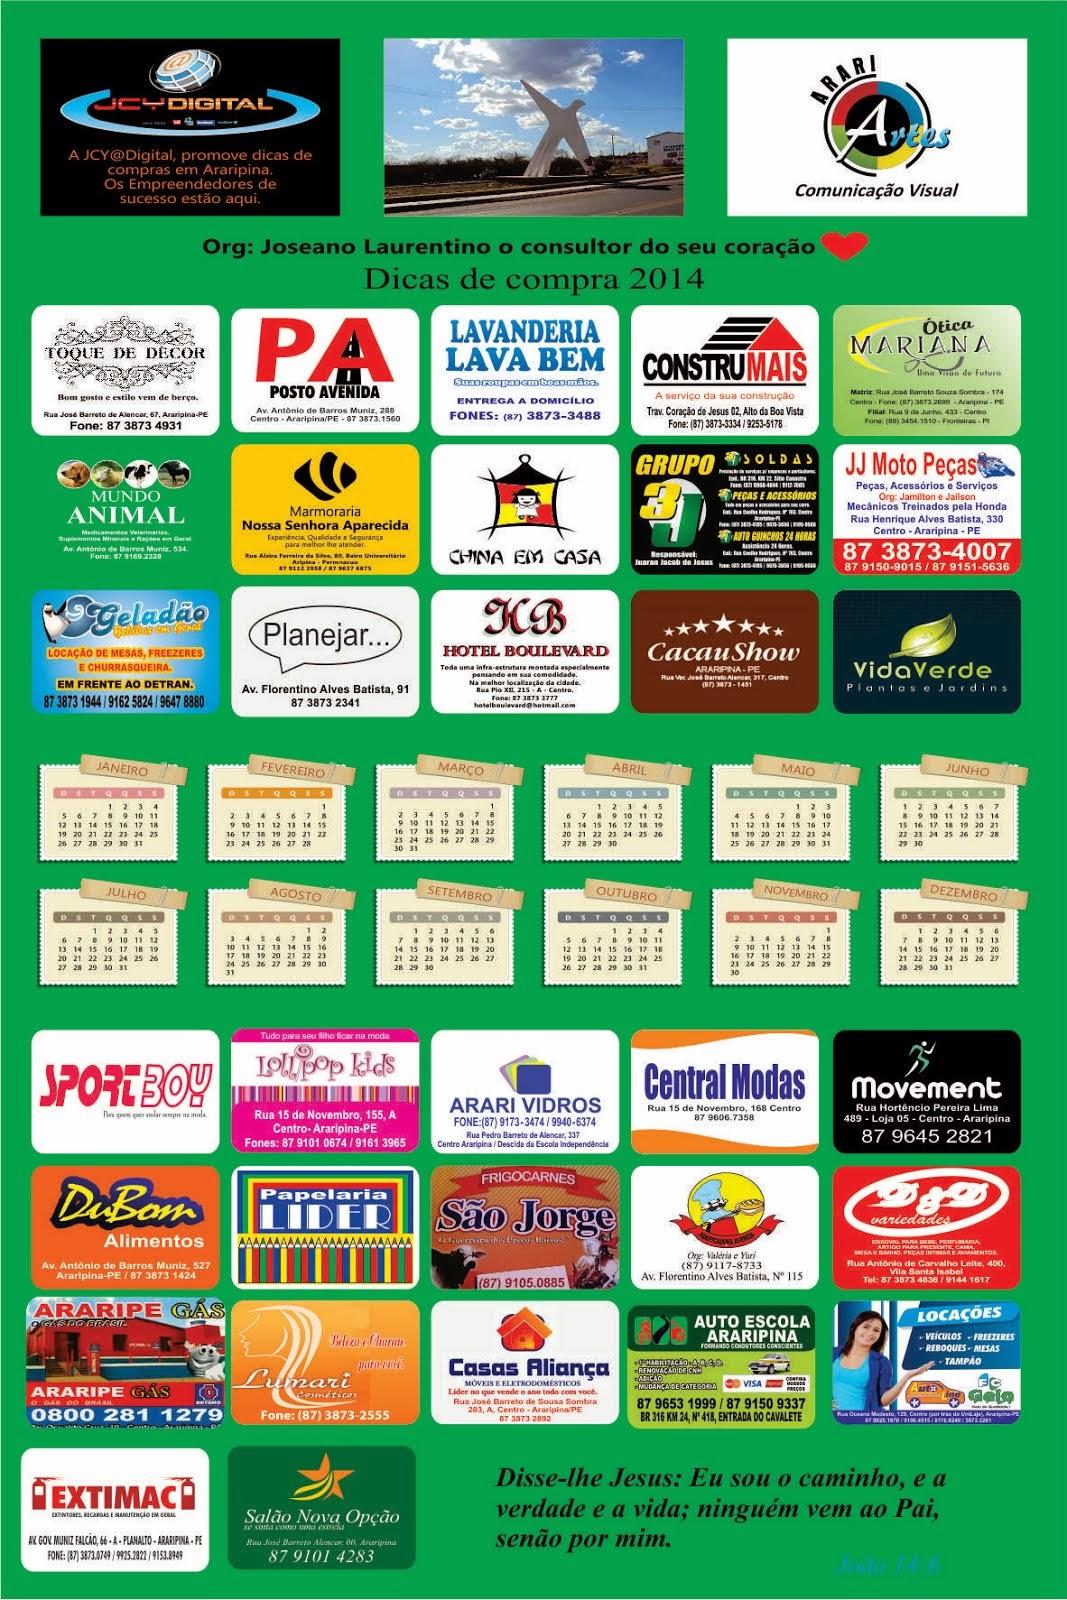 DICAS DE COMPRAS EM ARARIPINA 2014